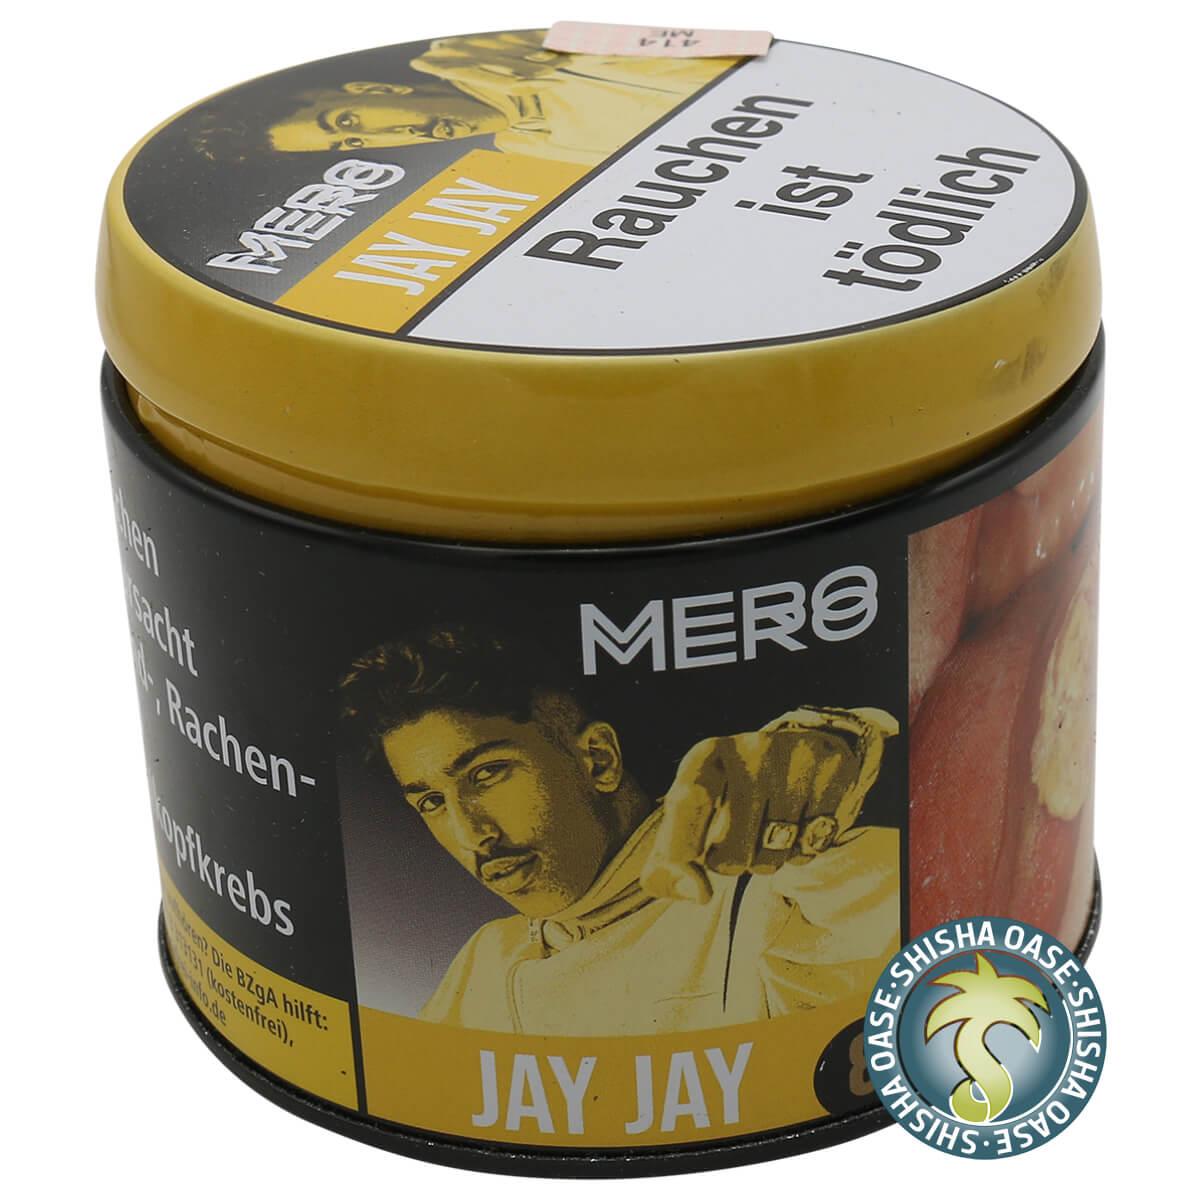 Mero Tabak 200g | Jay Jay No.8